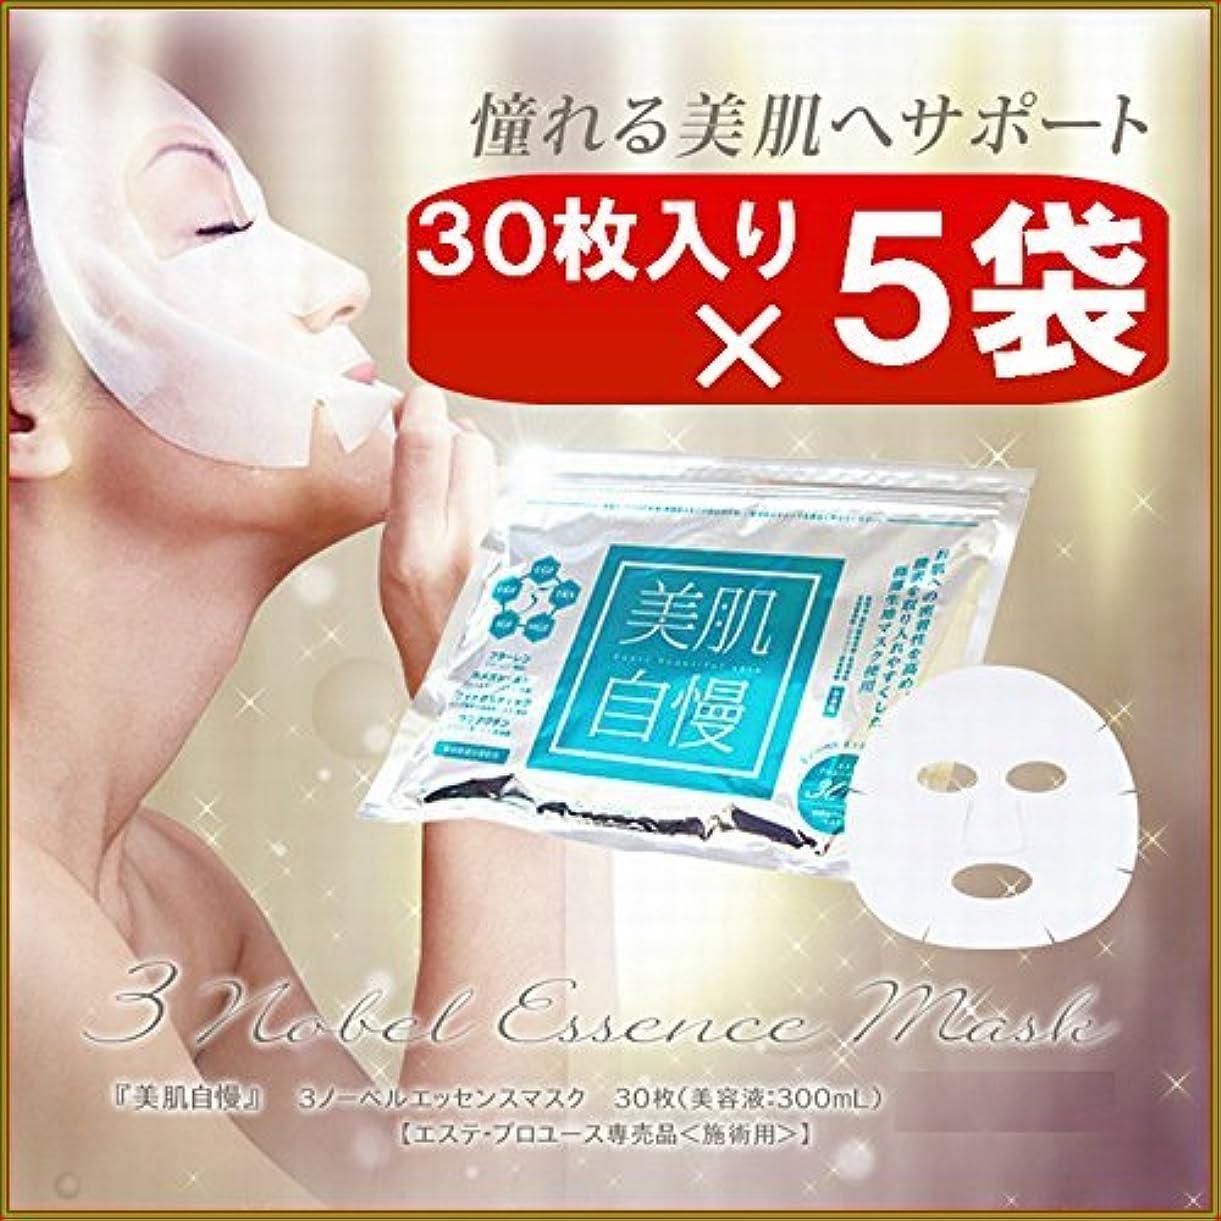 つかの間ハンディ配管美肌自慢フェイスマスク 30枚入り ×超お得5袋セット 《エッセンスマスク、EGF、IGF、ヒアルロン酸、プラセンタ、アルブチン、カタツムリエキス、しみ、しわ》